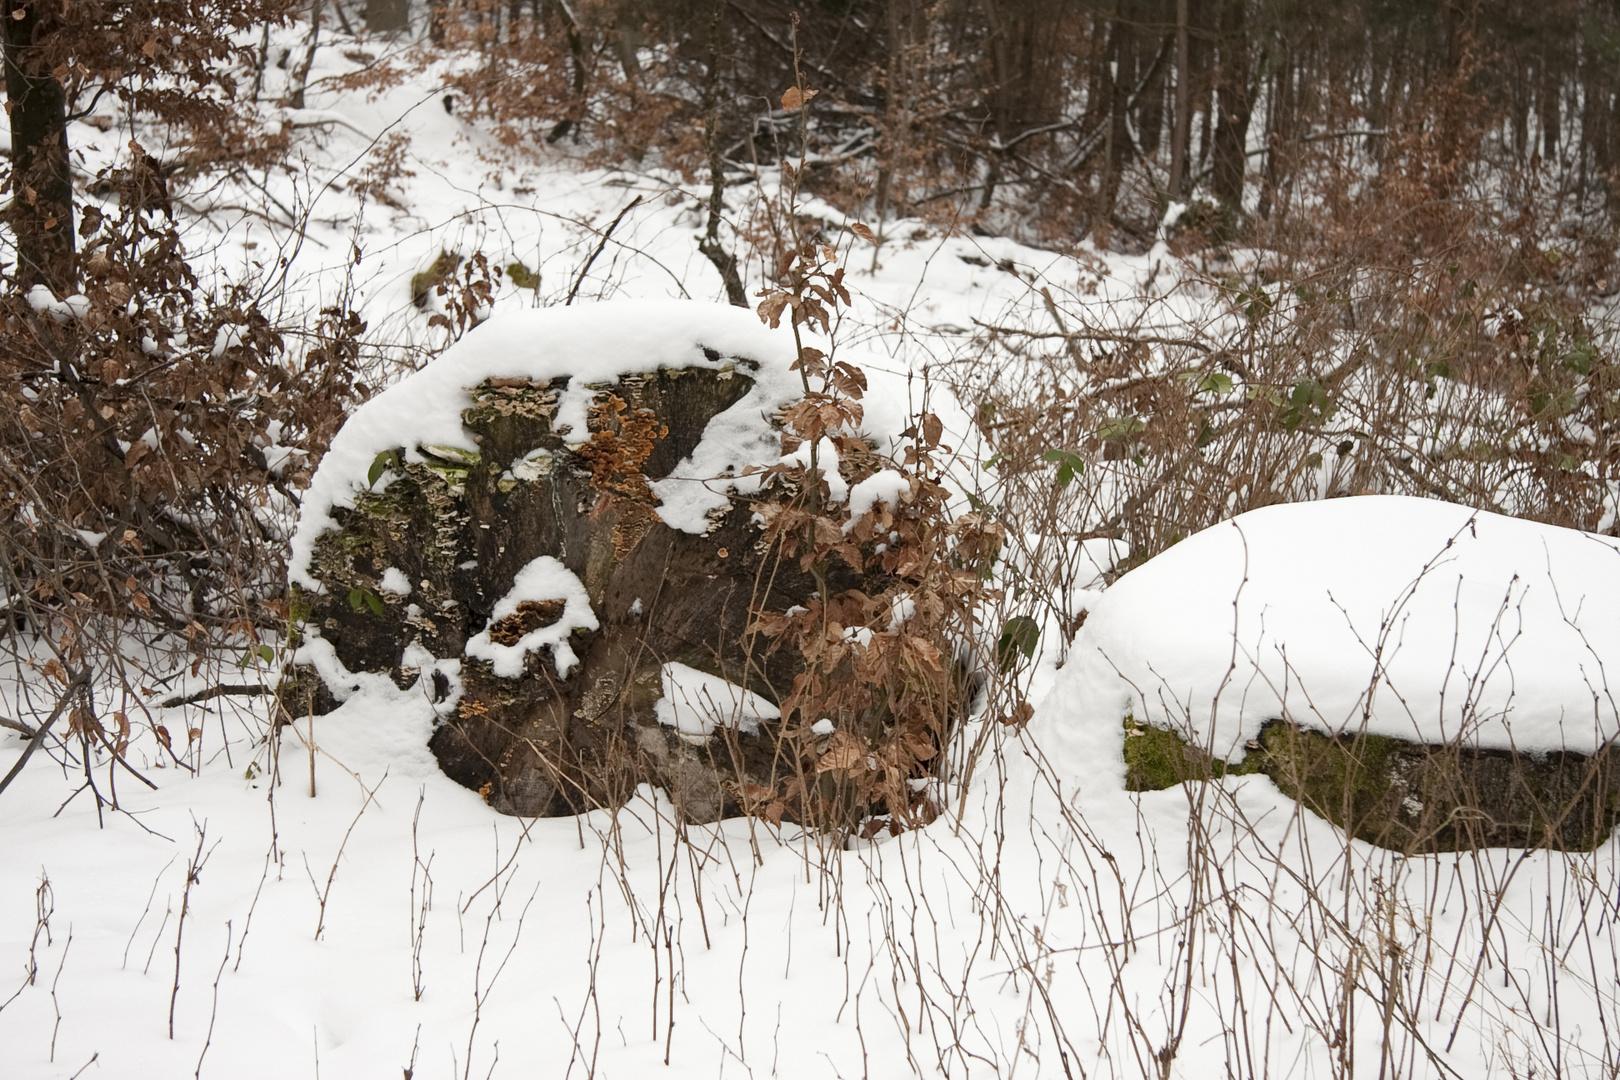 Schnee im Wald 2